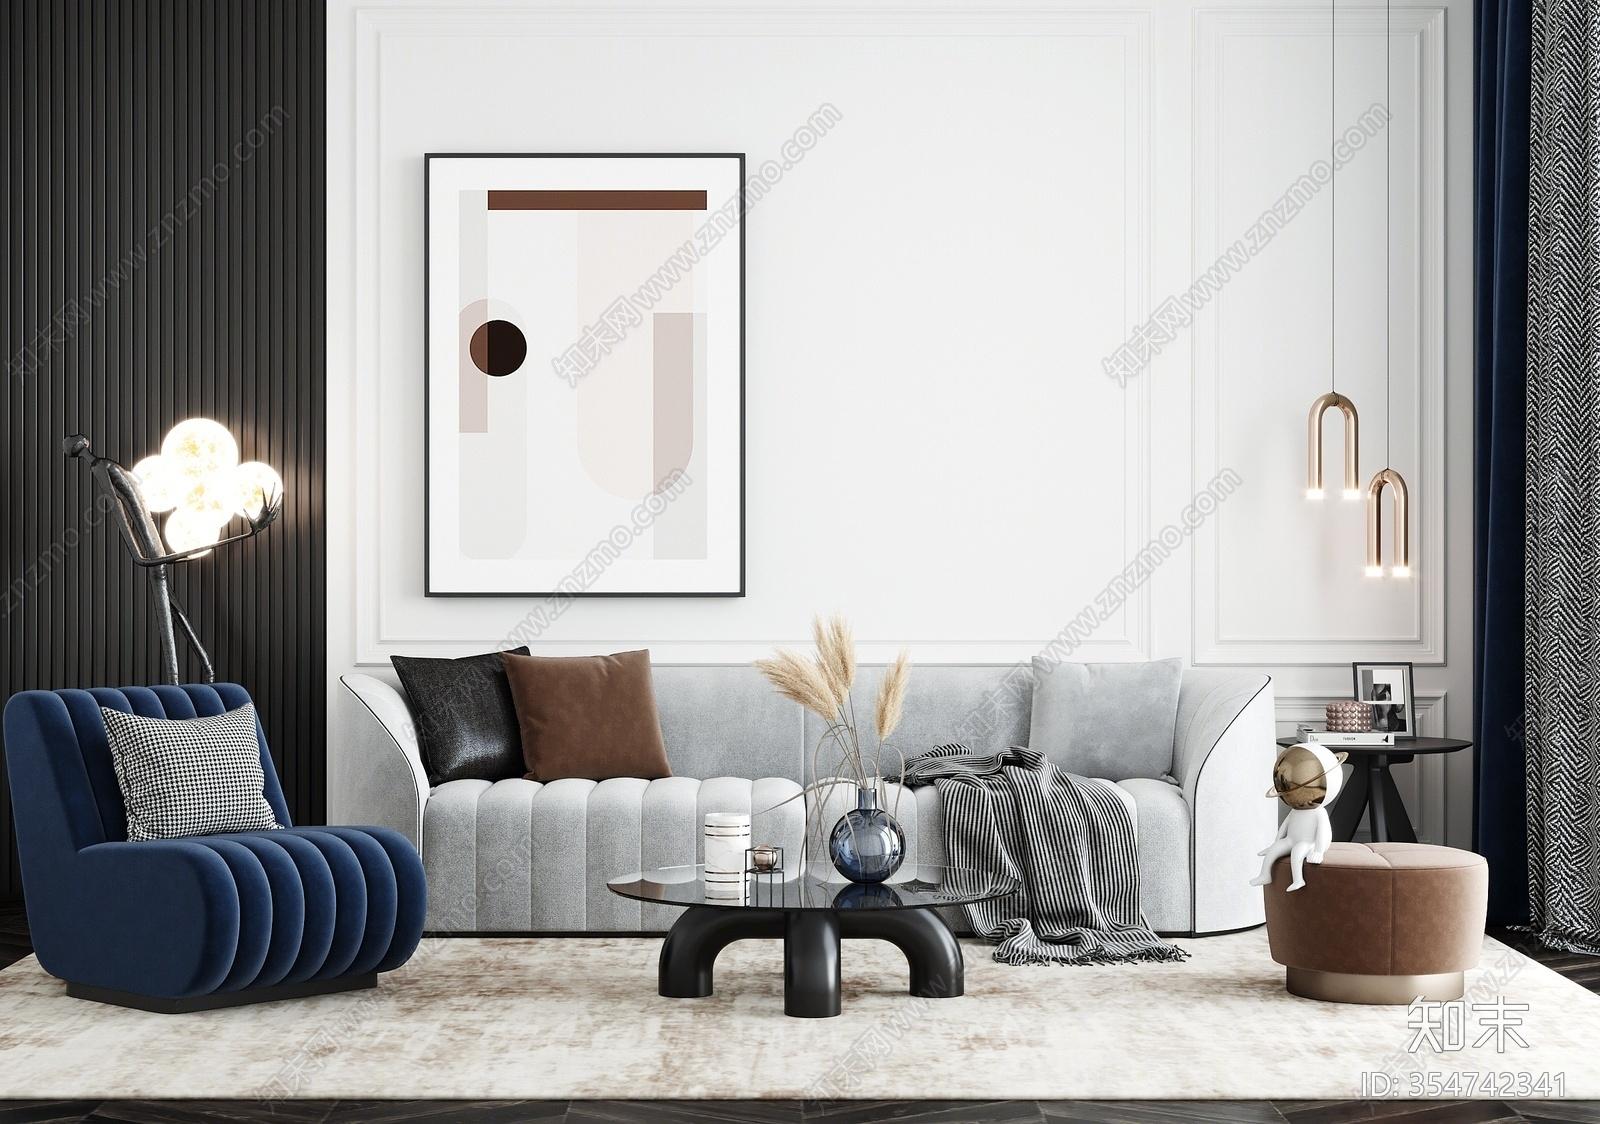 现代轻奢沙发茶几组合3D模型下载【ID:354742341】